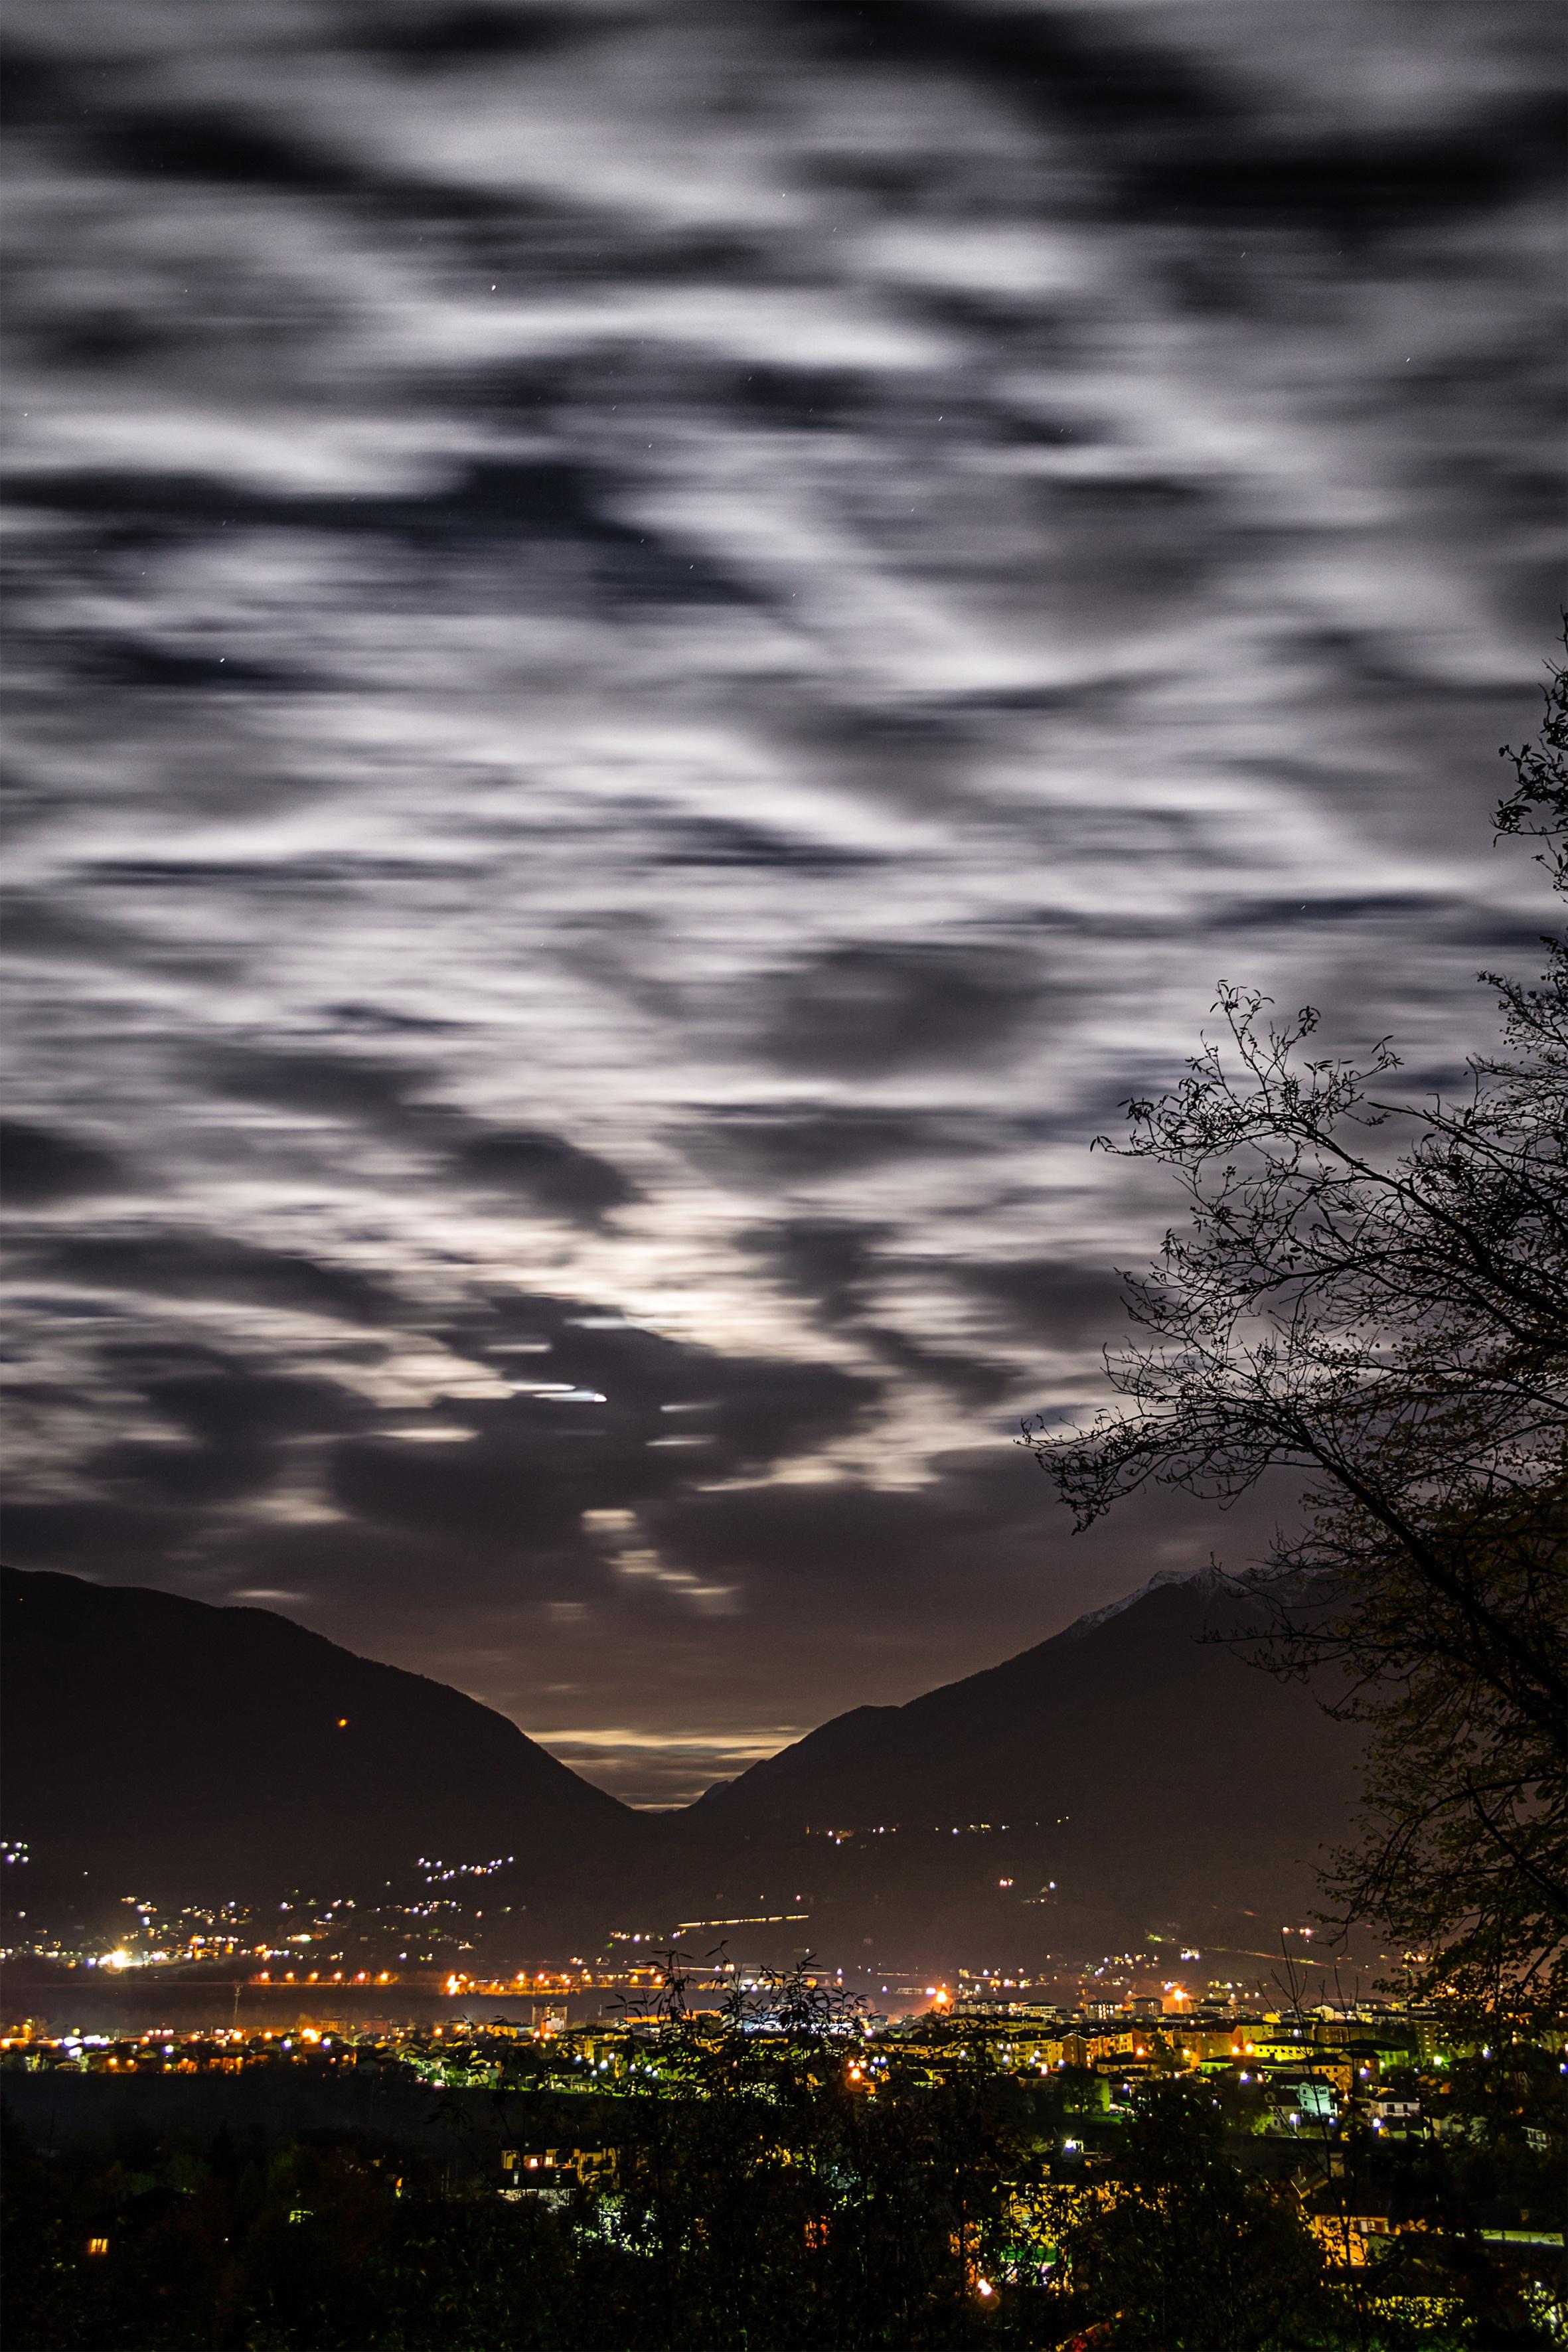 Kostenlose foto : Landschaft, Meer, Natur, Horizont, Licht, Wolke ...